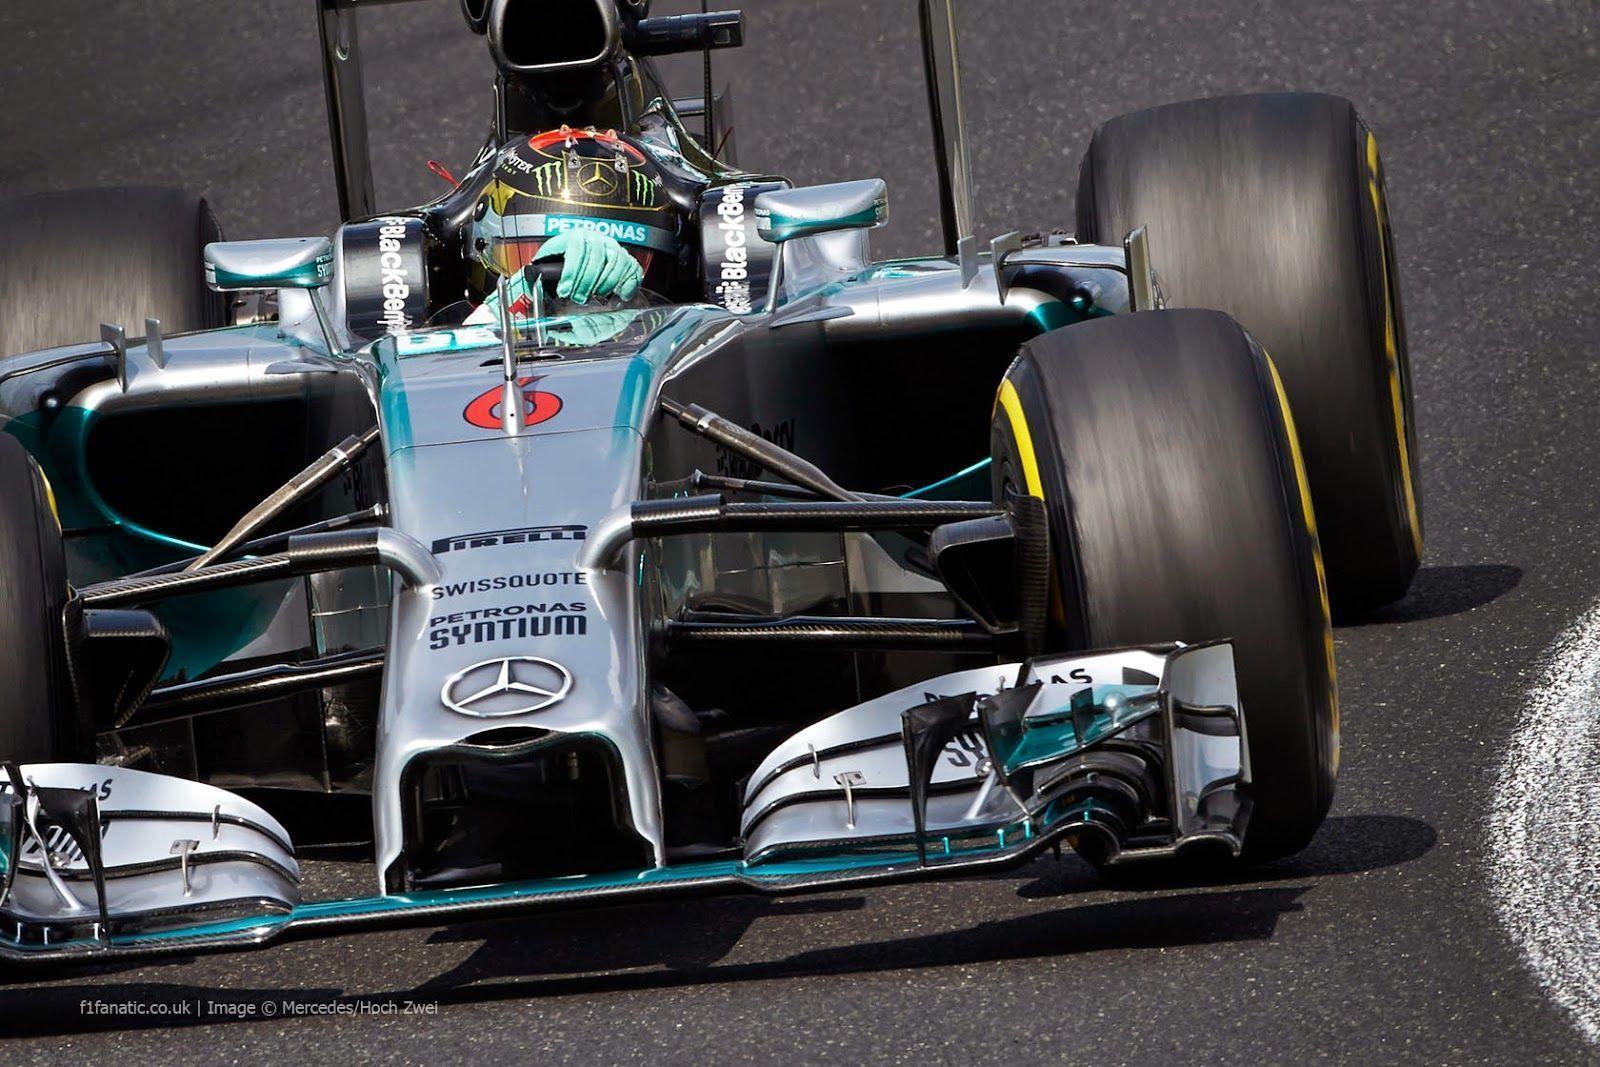 Mercedes F1 Wallpapers - Wallpaper Cave